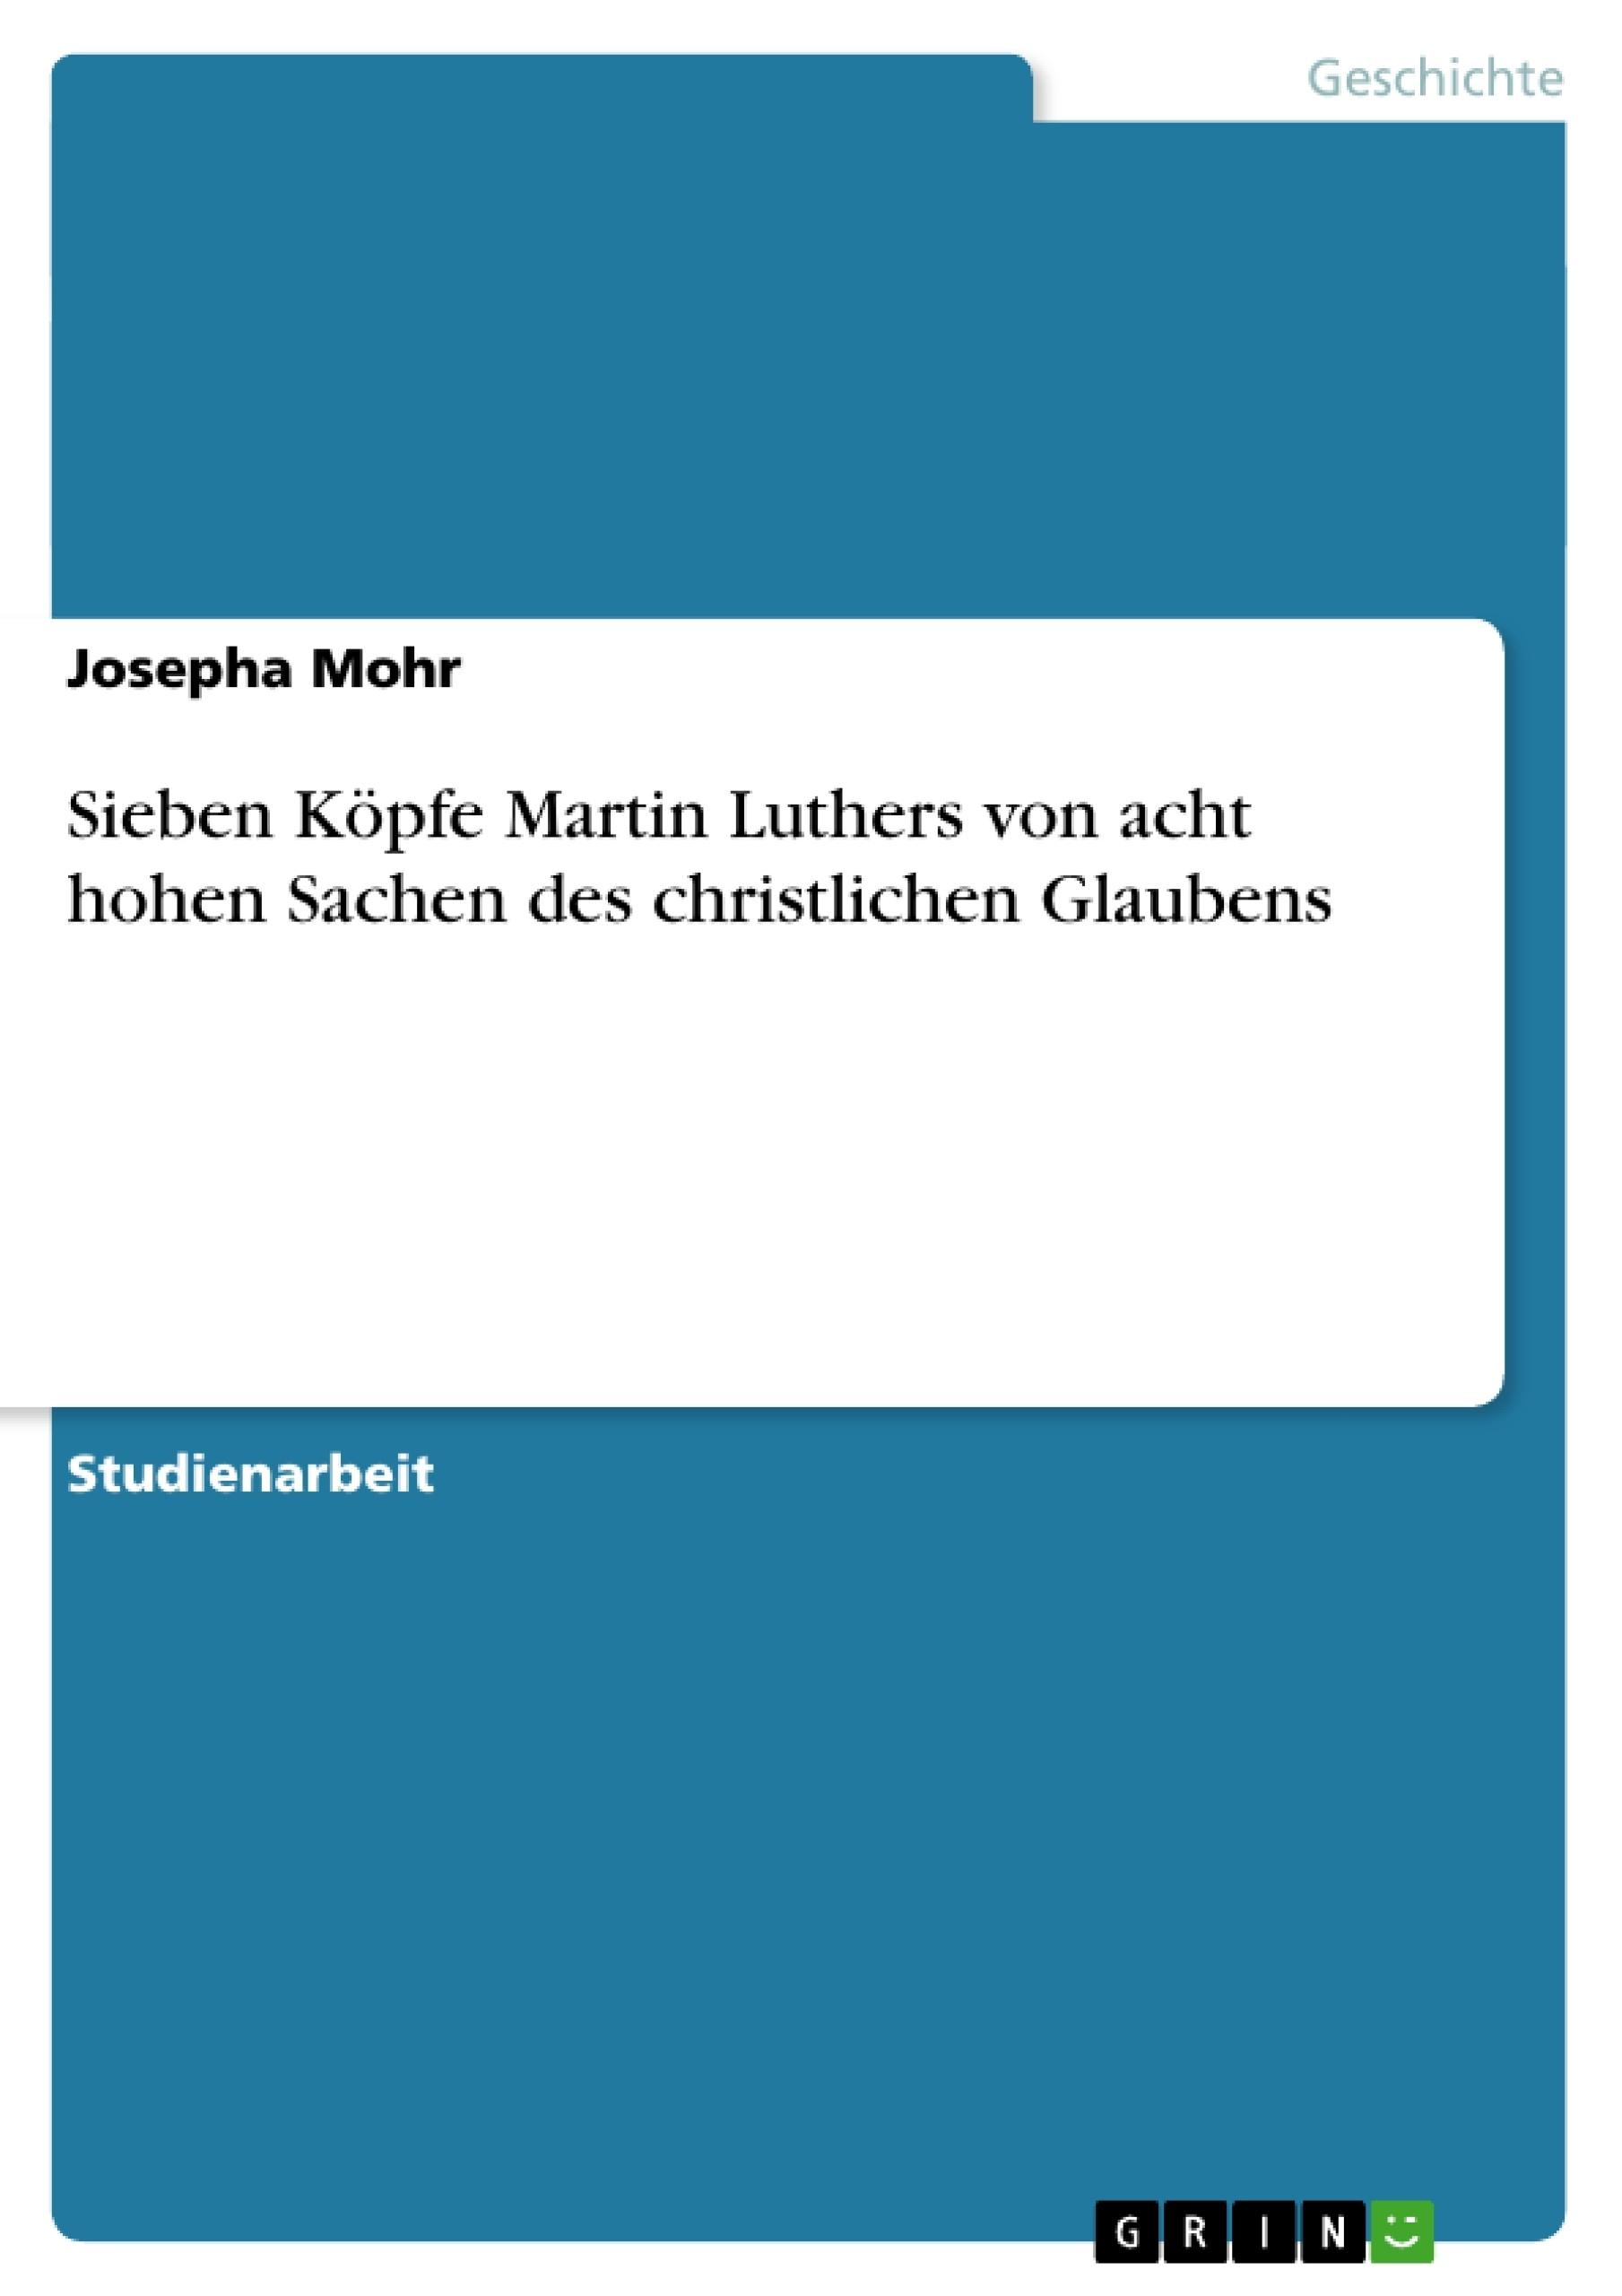 Titel: Sieben Köpfe Martin Luthers von acht hohen Sachen des christlichen Glaubens